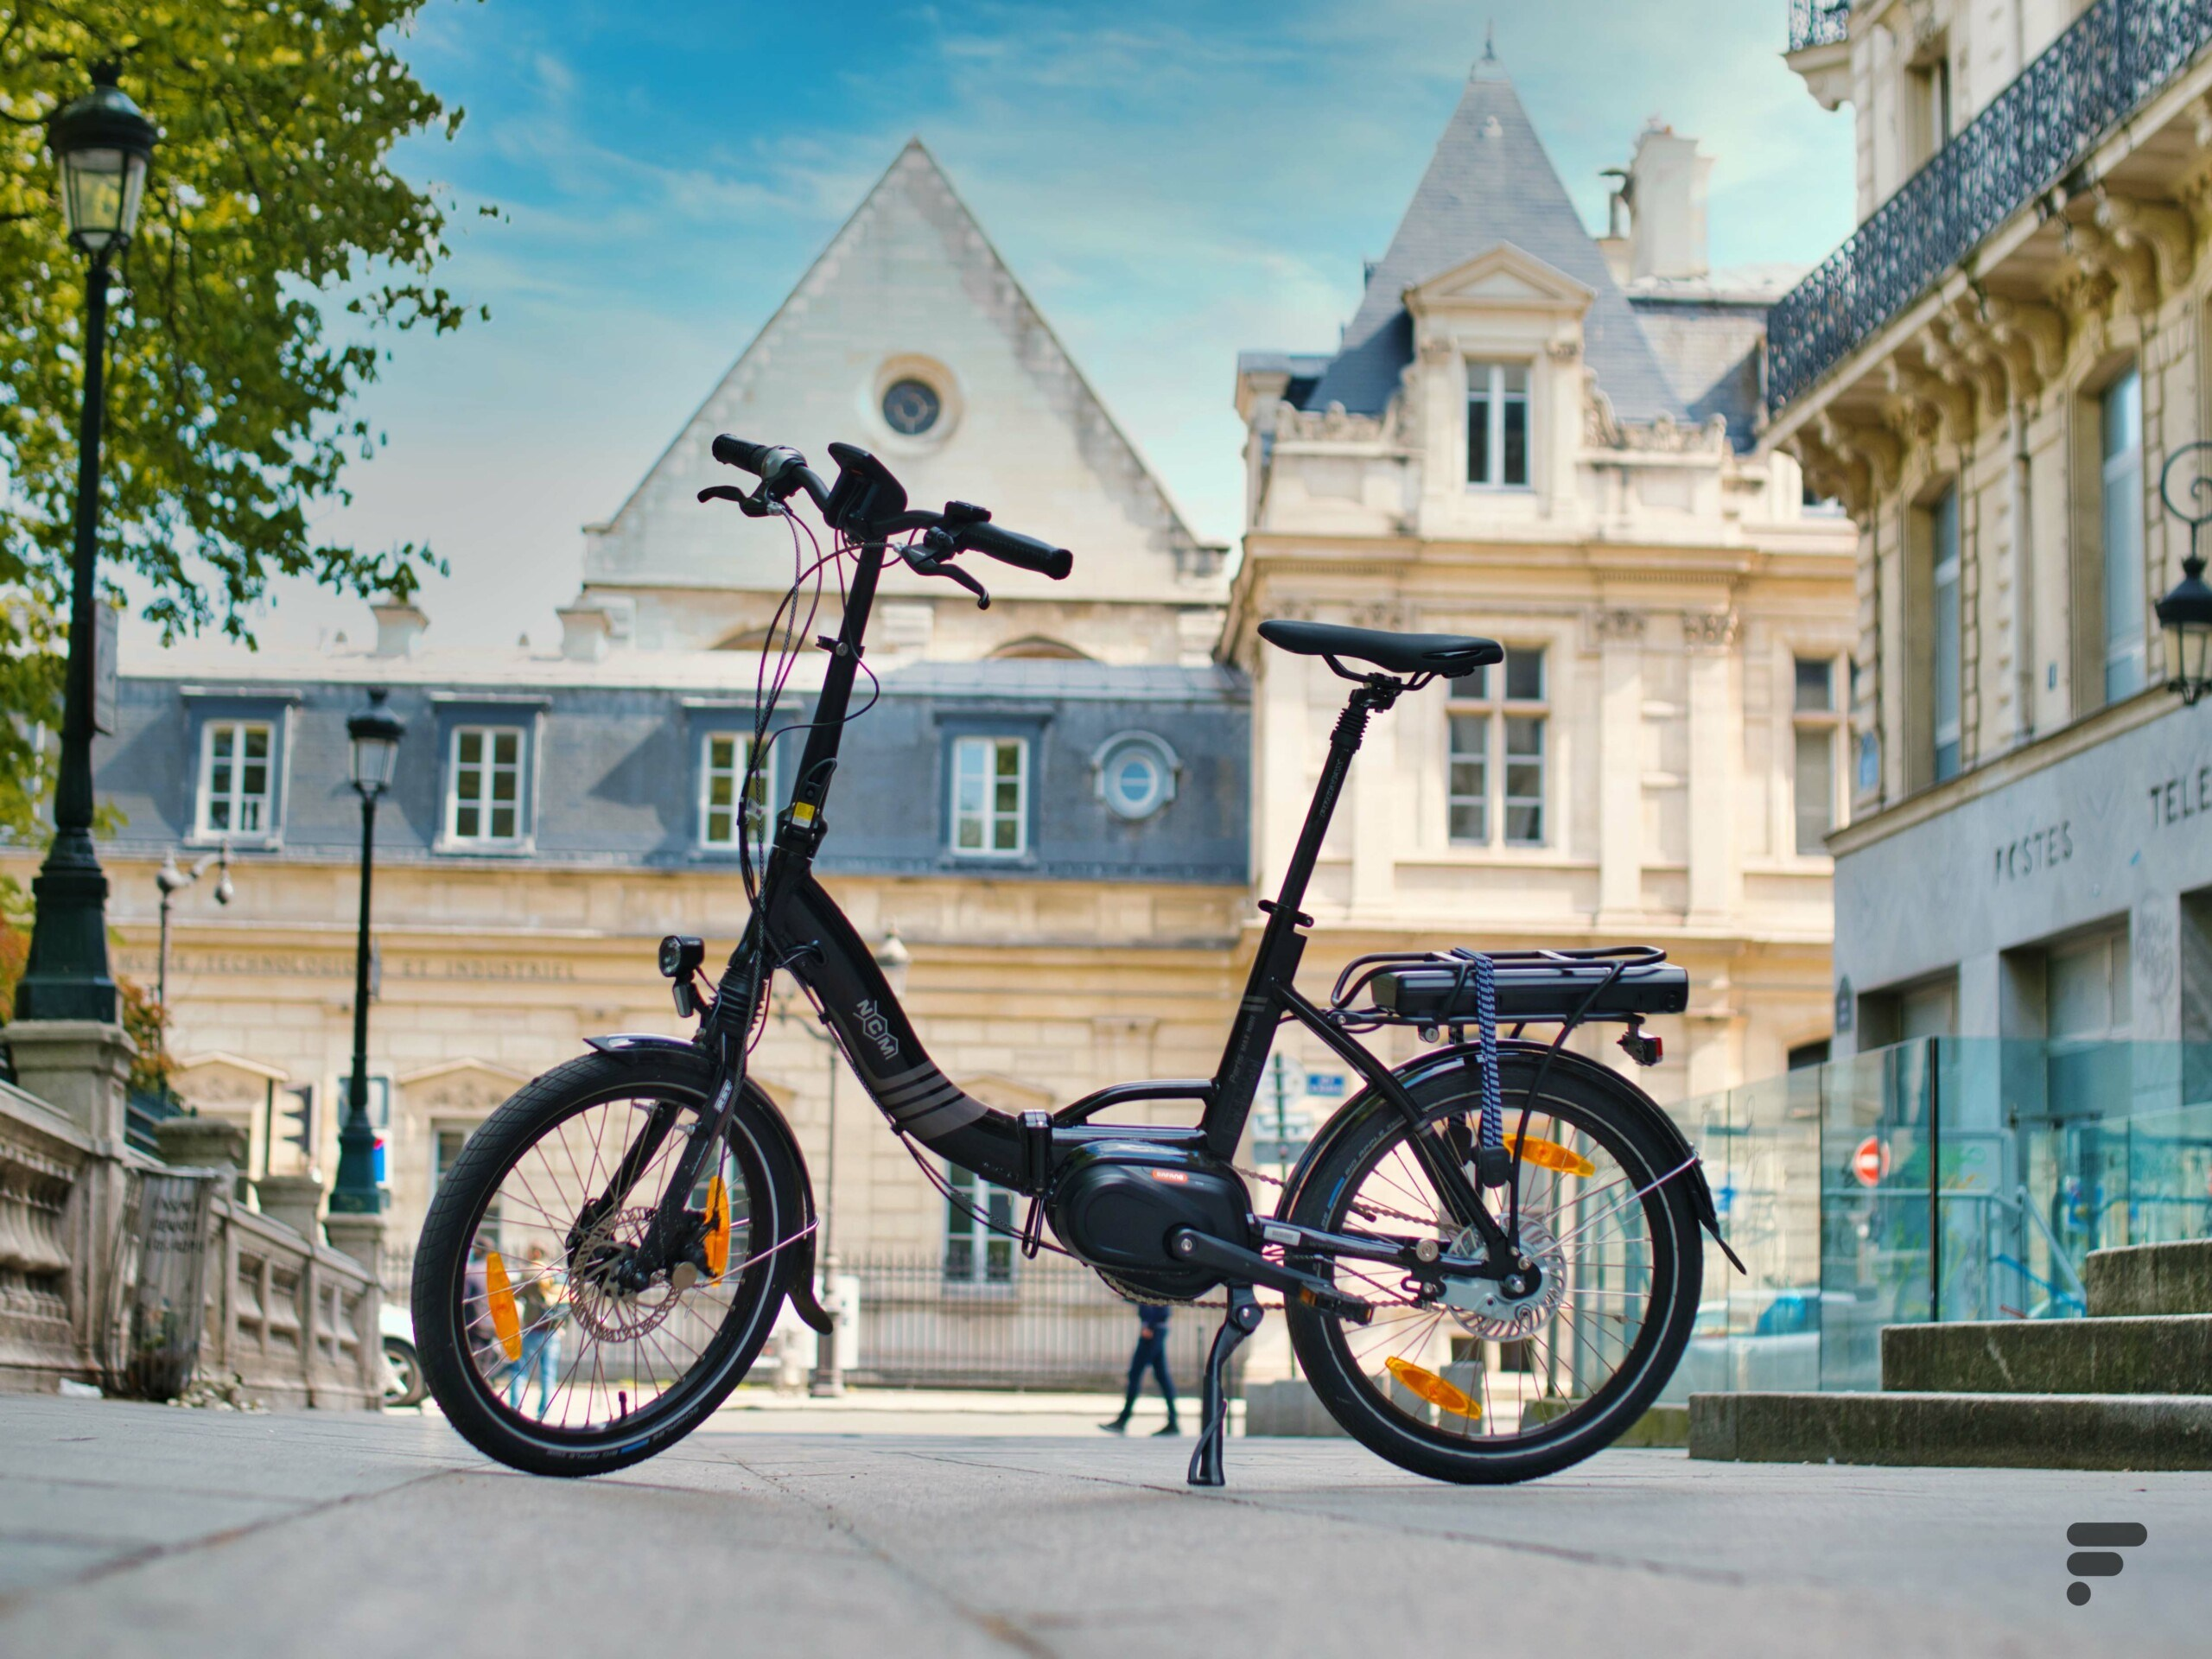 Test du NCM Paris Max: un max de puissance pour la ville